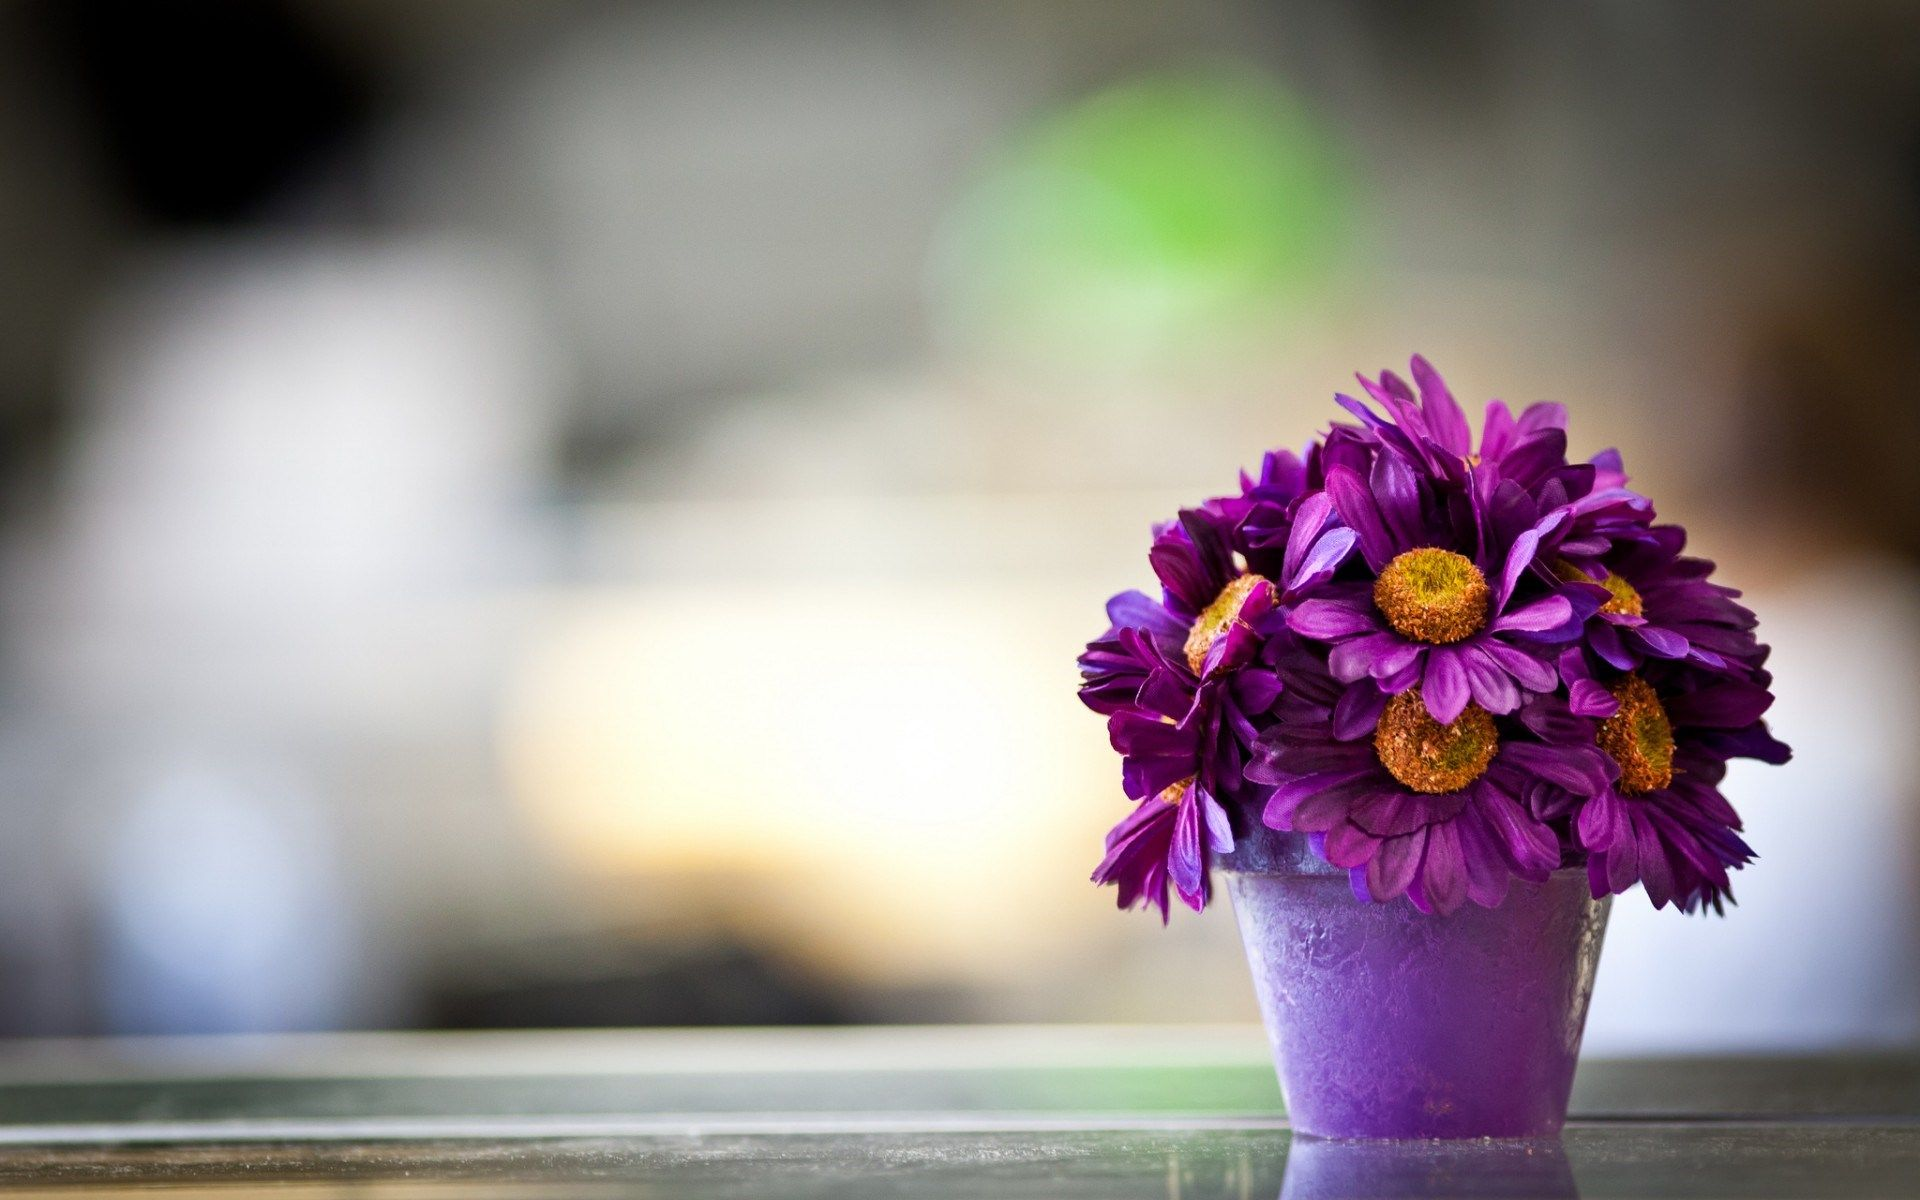 free download beautiful purple daisy flower pot macro photography hd